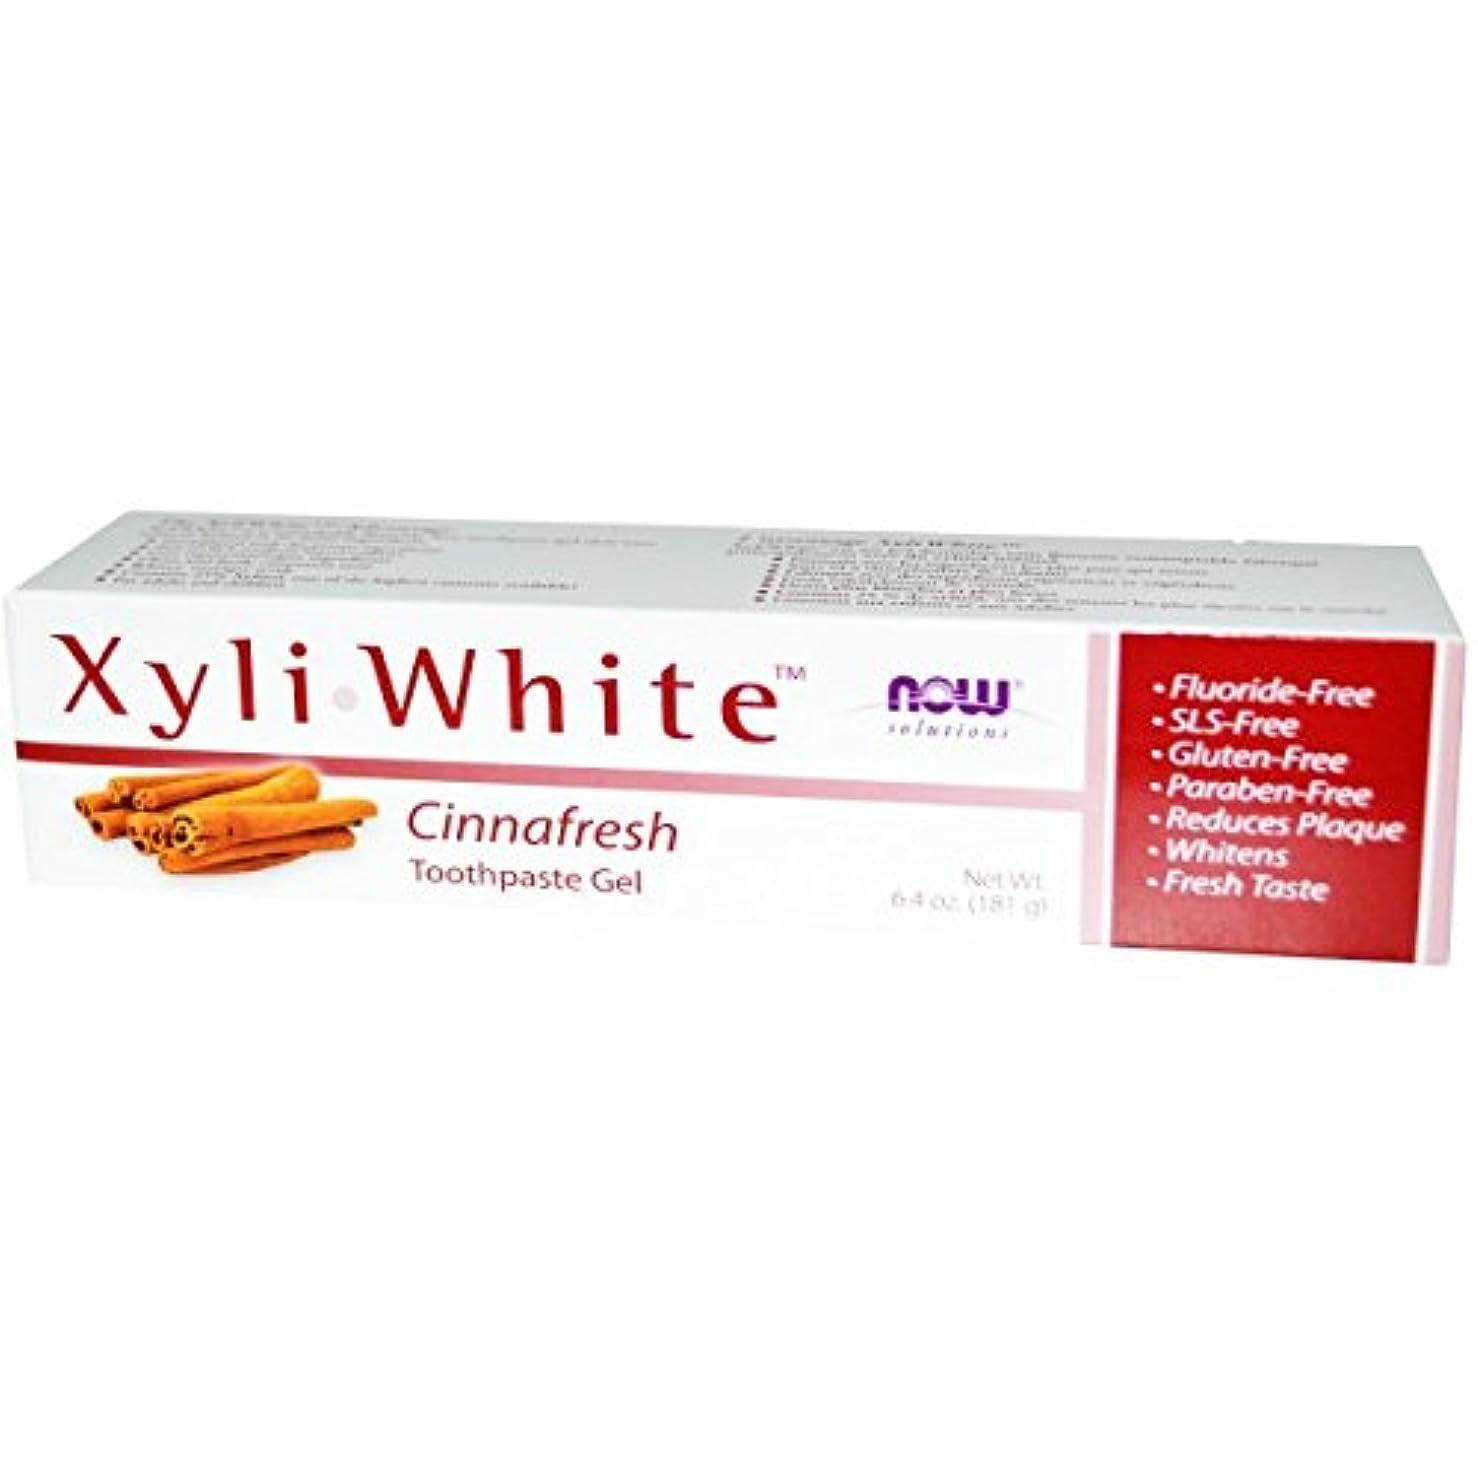 ゴシップ毎年重さ[海外直送品] ナウフーズ(Now Foods) キシリホワイト トゥースペースト(シナフレッシュ) 181g